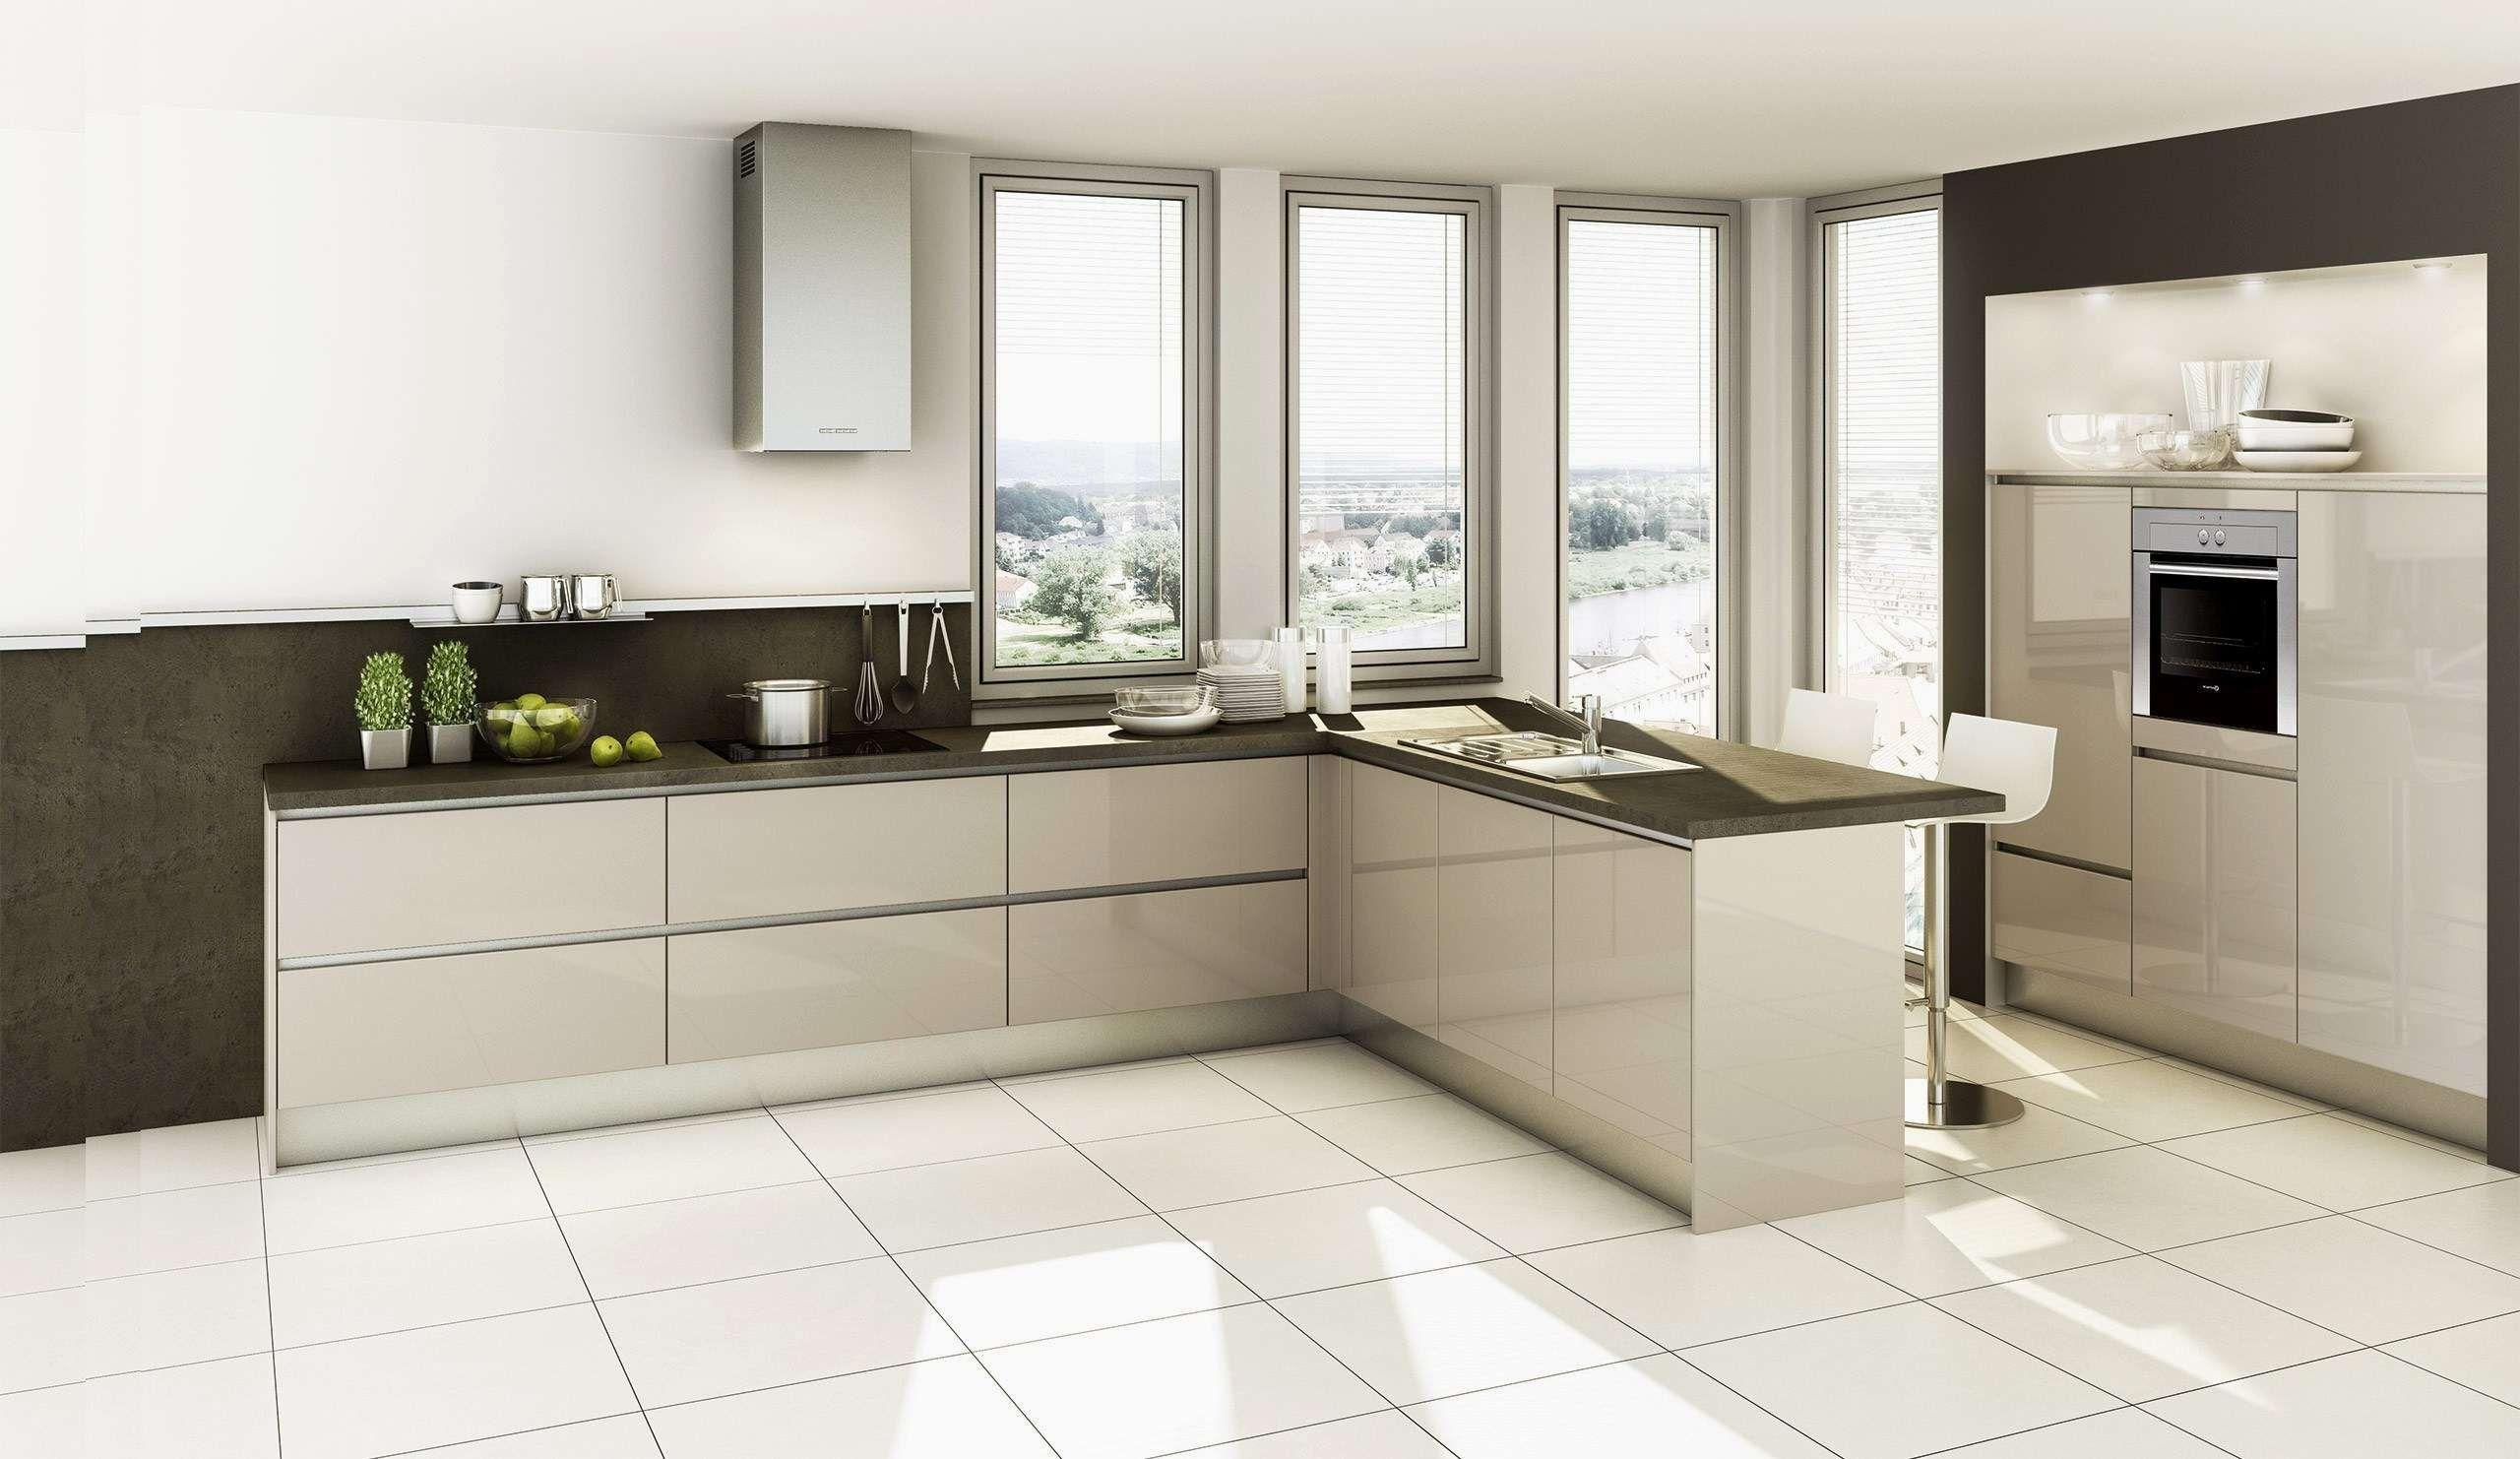 29 Inspirierend Arbeitsplatte Kuche Granit Grau Kitchen Remodel Kitchen Cabinets Home Decor